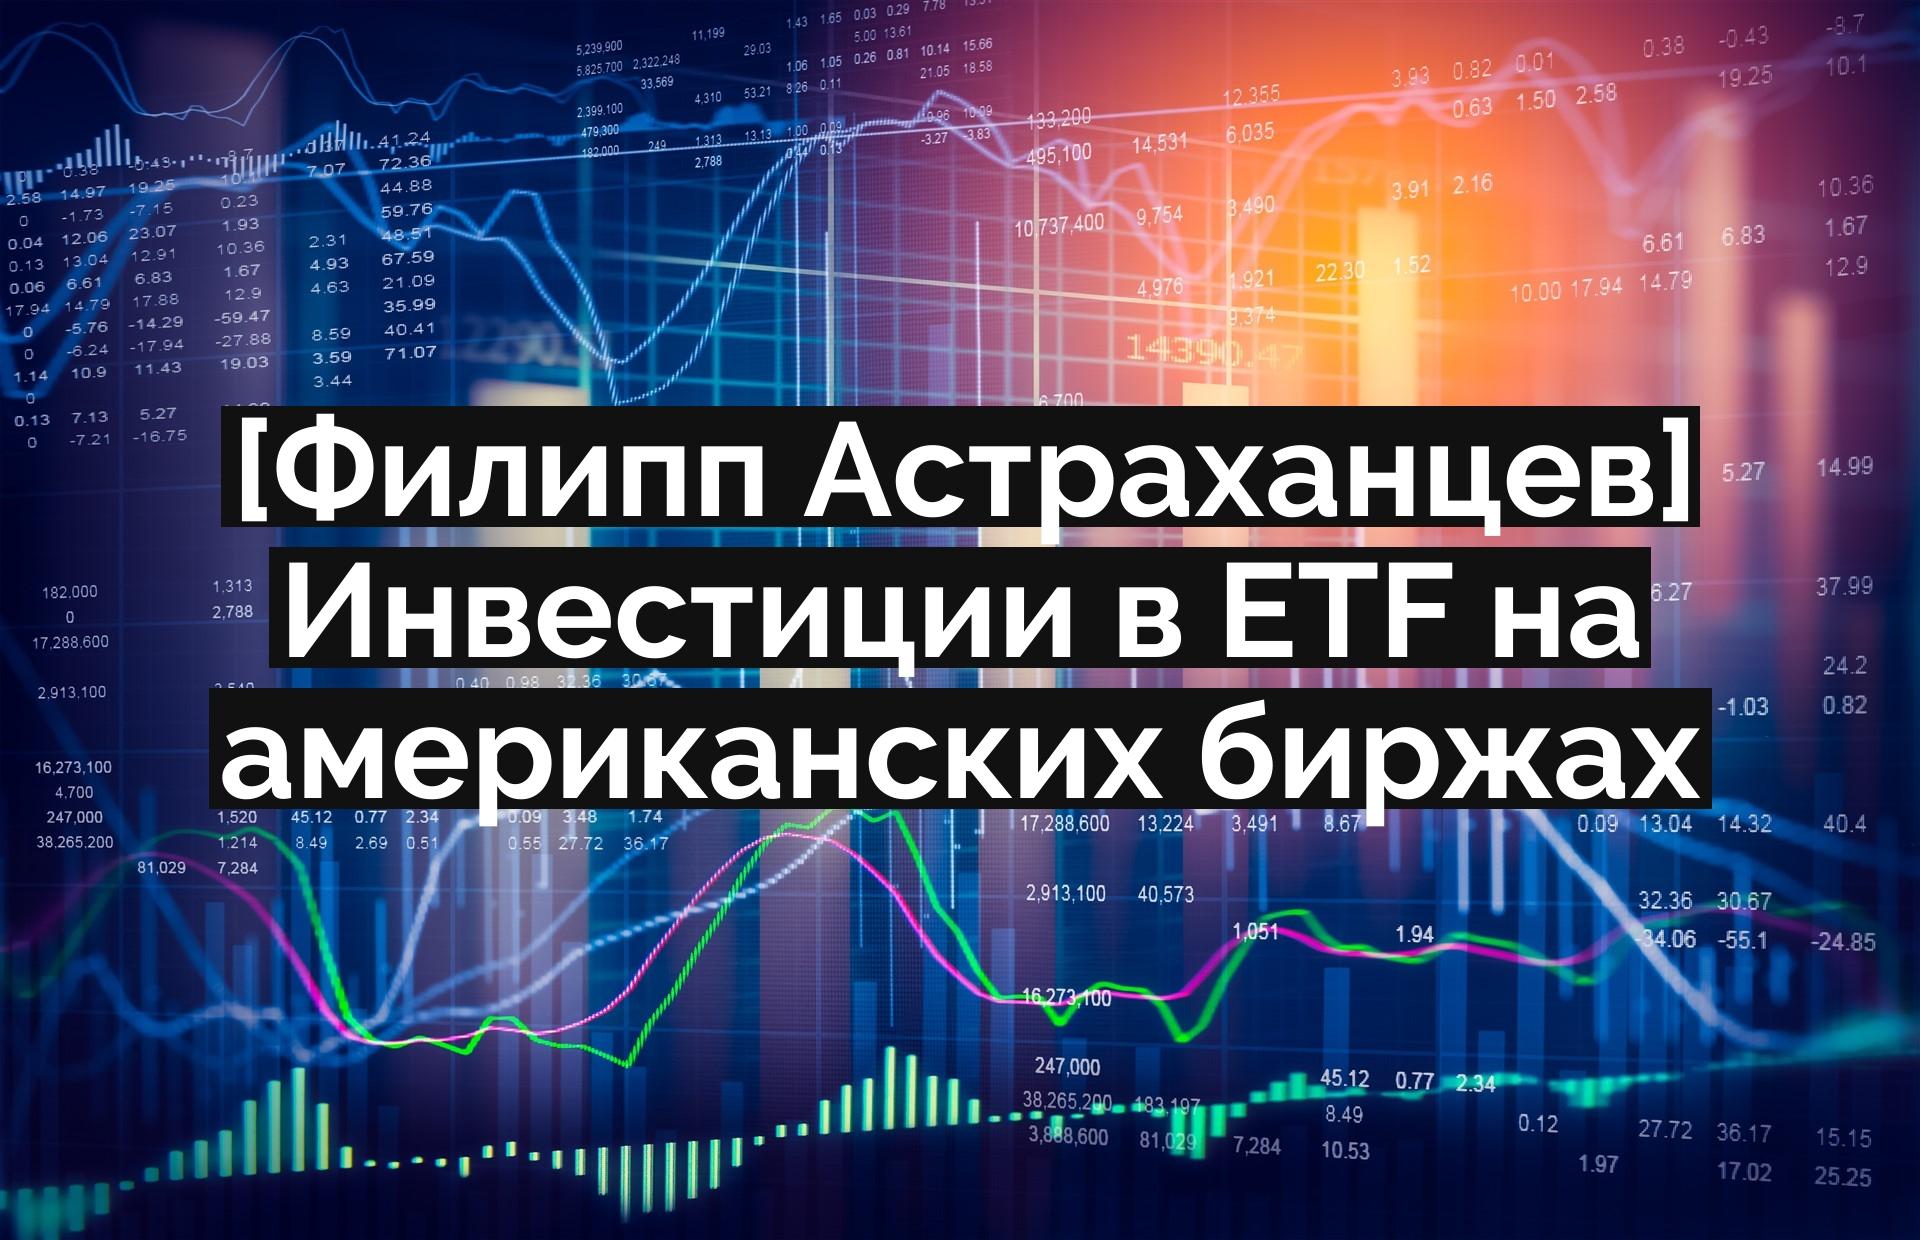 [Филипп Астраханцев] Инвестиции в ETF на американских биржах